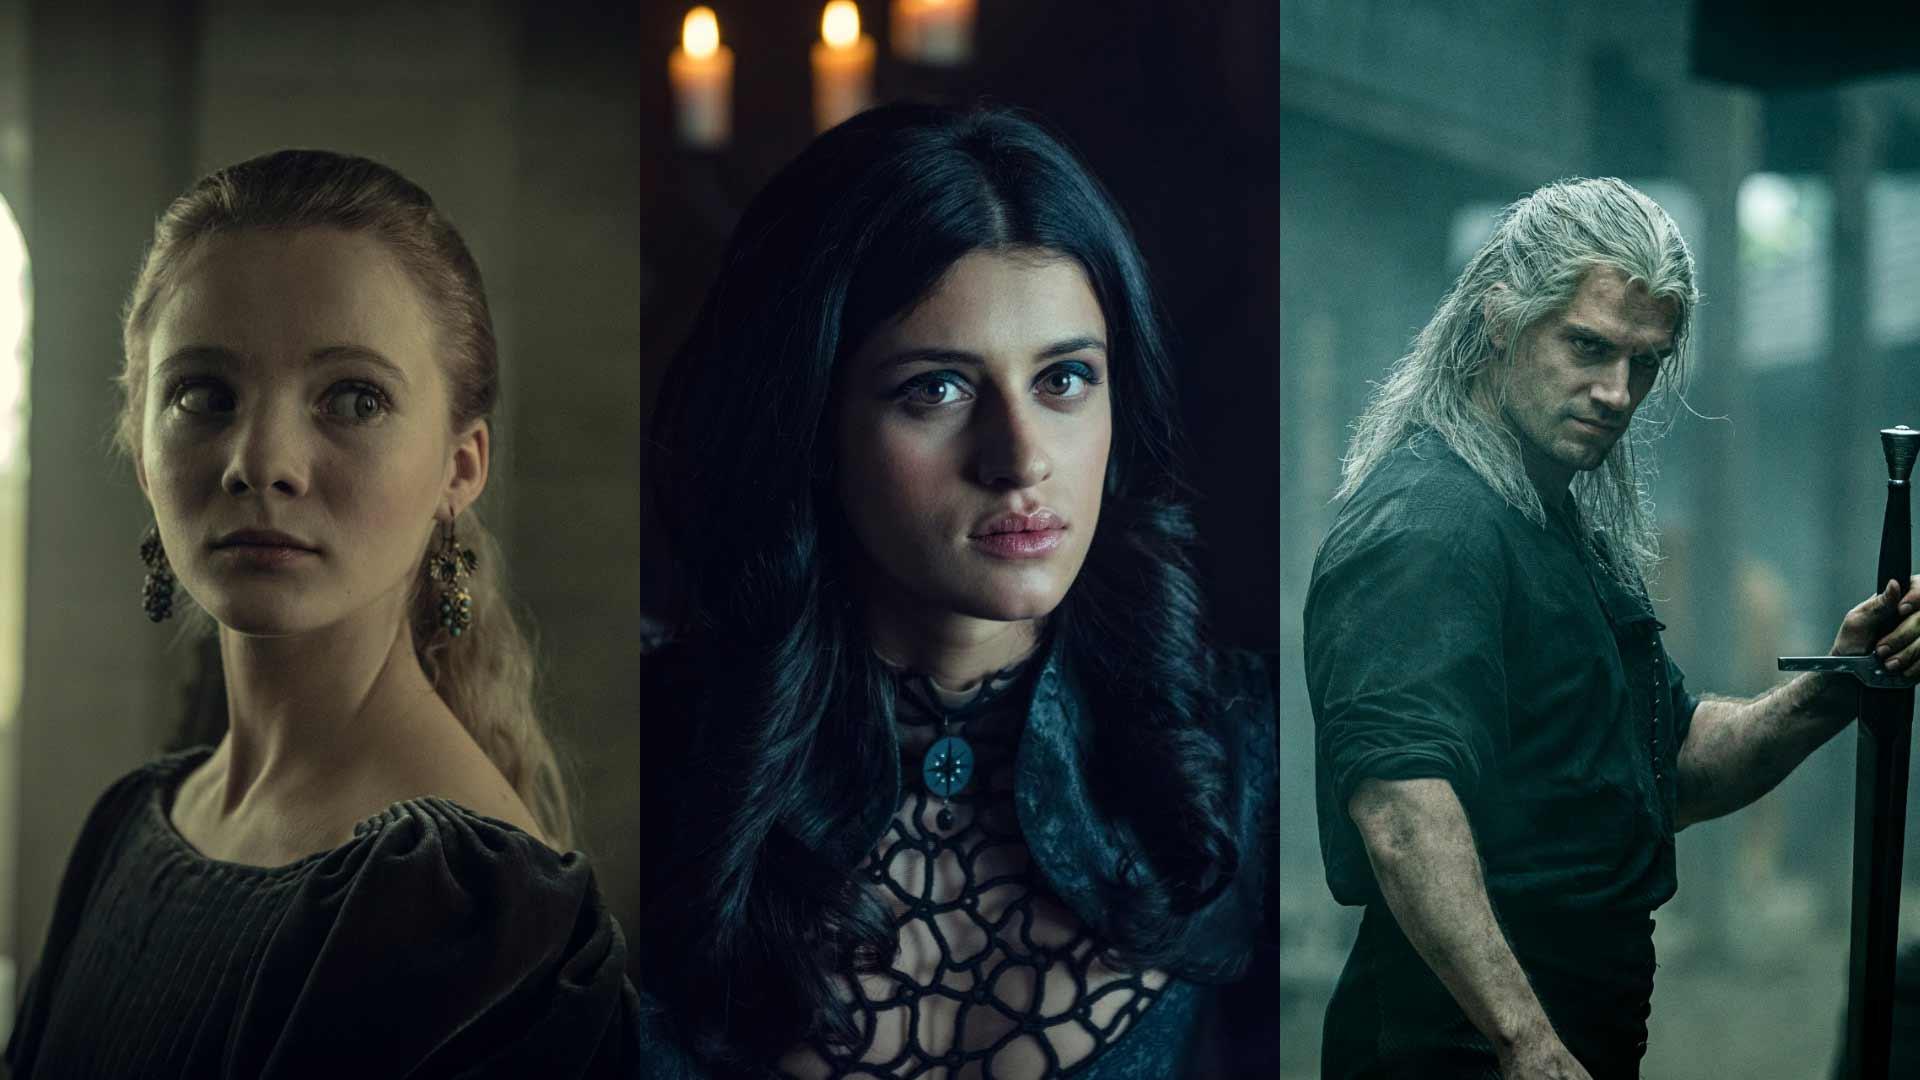 Ведьмак 2 сезон будет сопровождаться анимационным фильмом Ведьмак